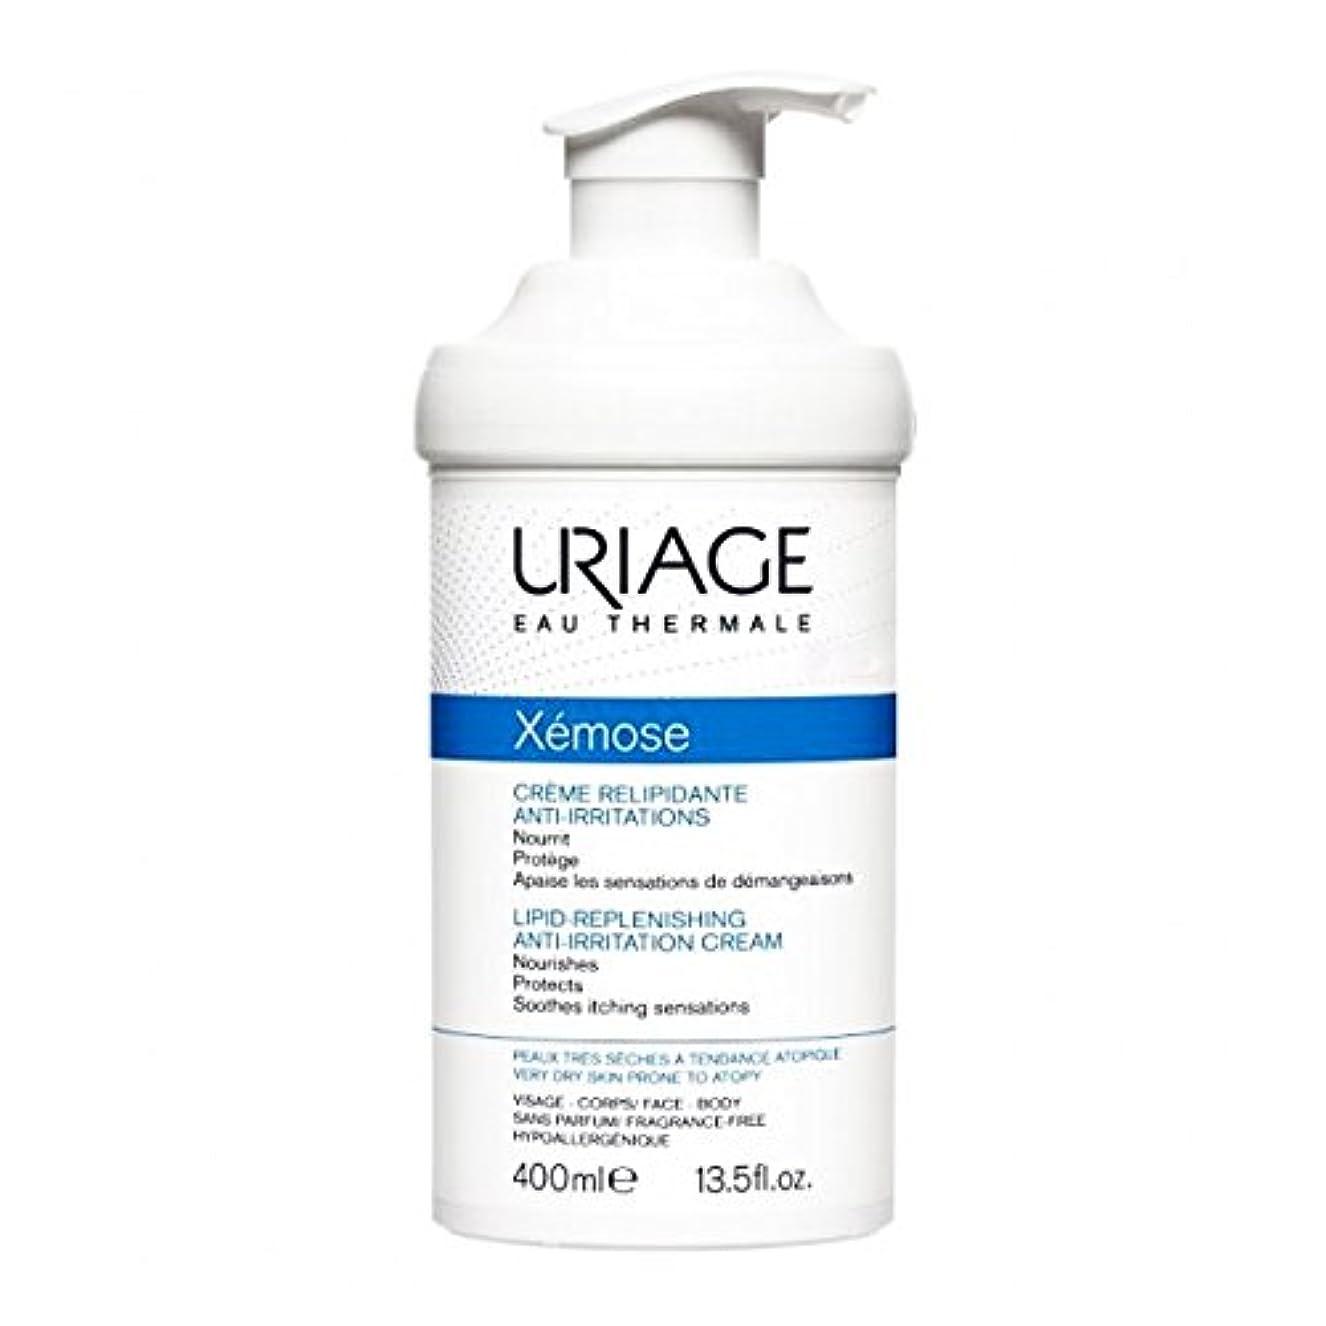 アスペクトオーチャード取り付けUriage X駑ose Universal Emollient Cream 400ml [並行輸入品]